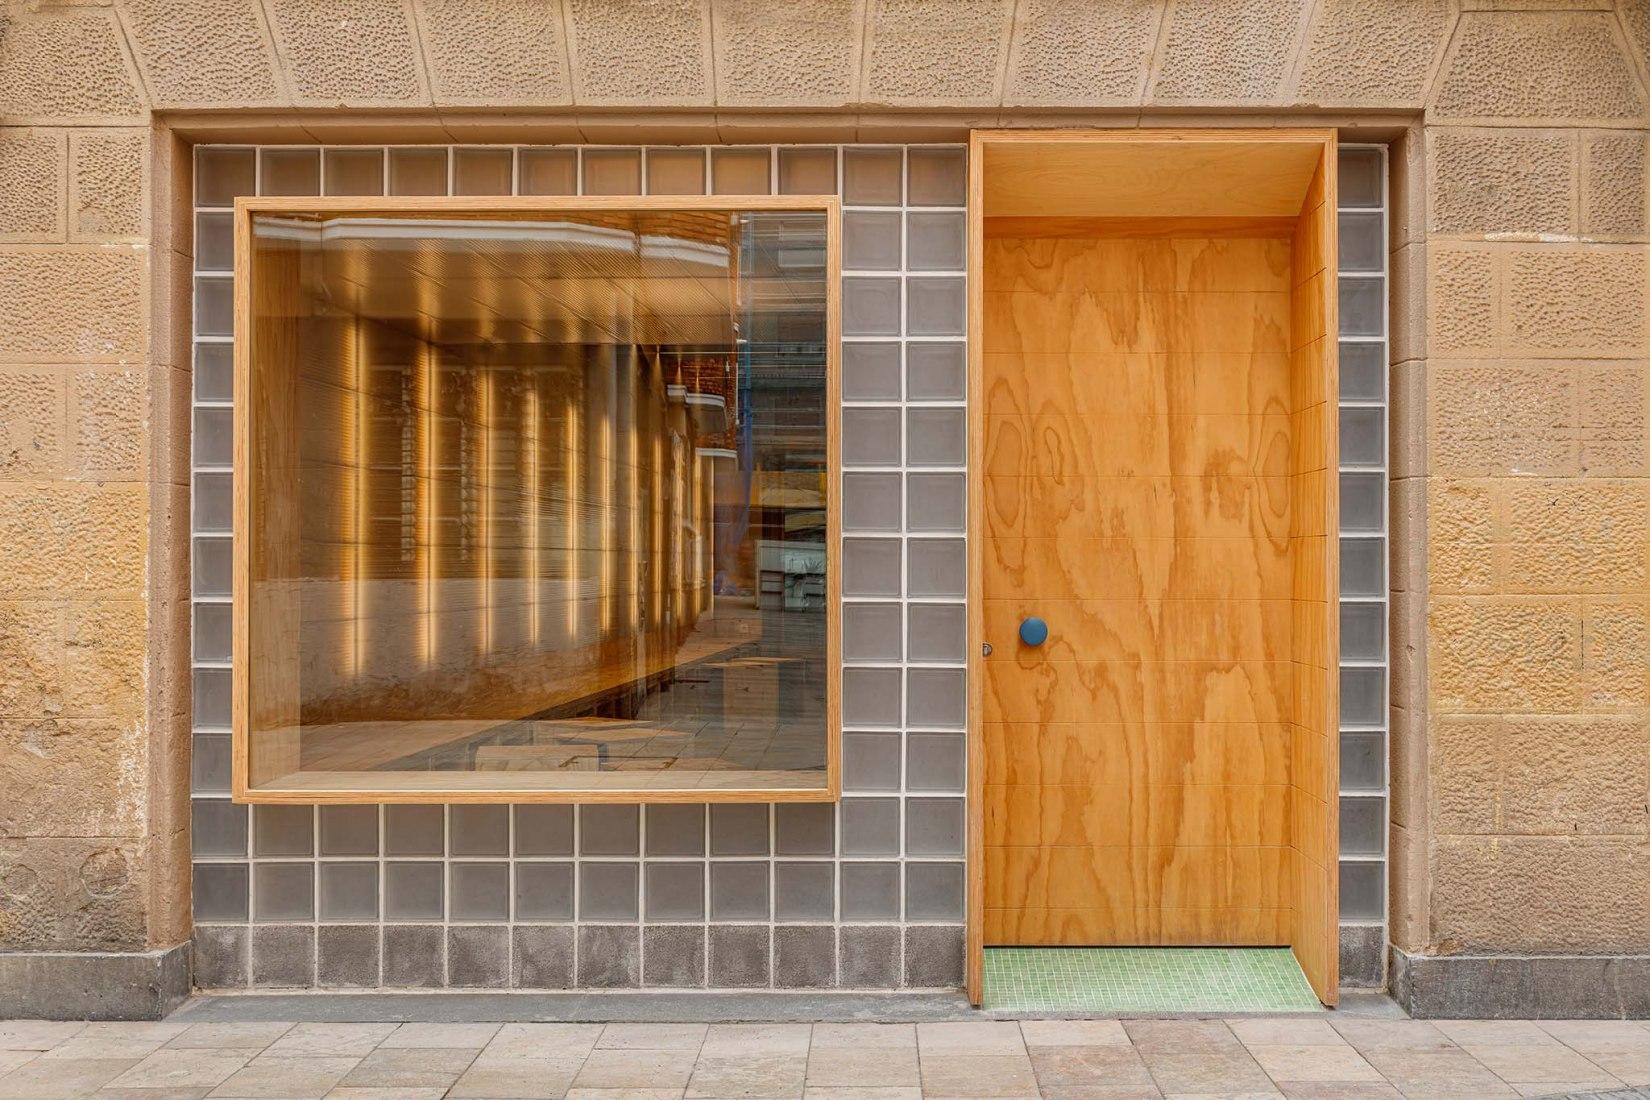 Sede del equipo de rugby «Durango Rugby Taldea» por ELE Arkitektura. Fotografía por Aitor Estevez